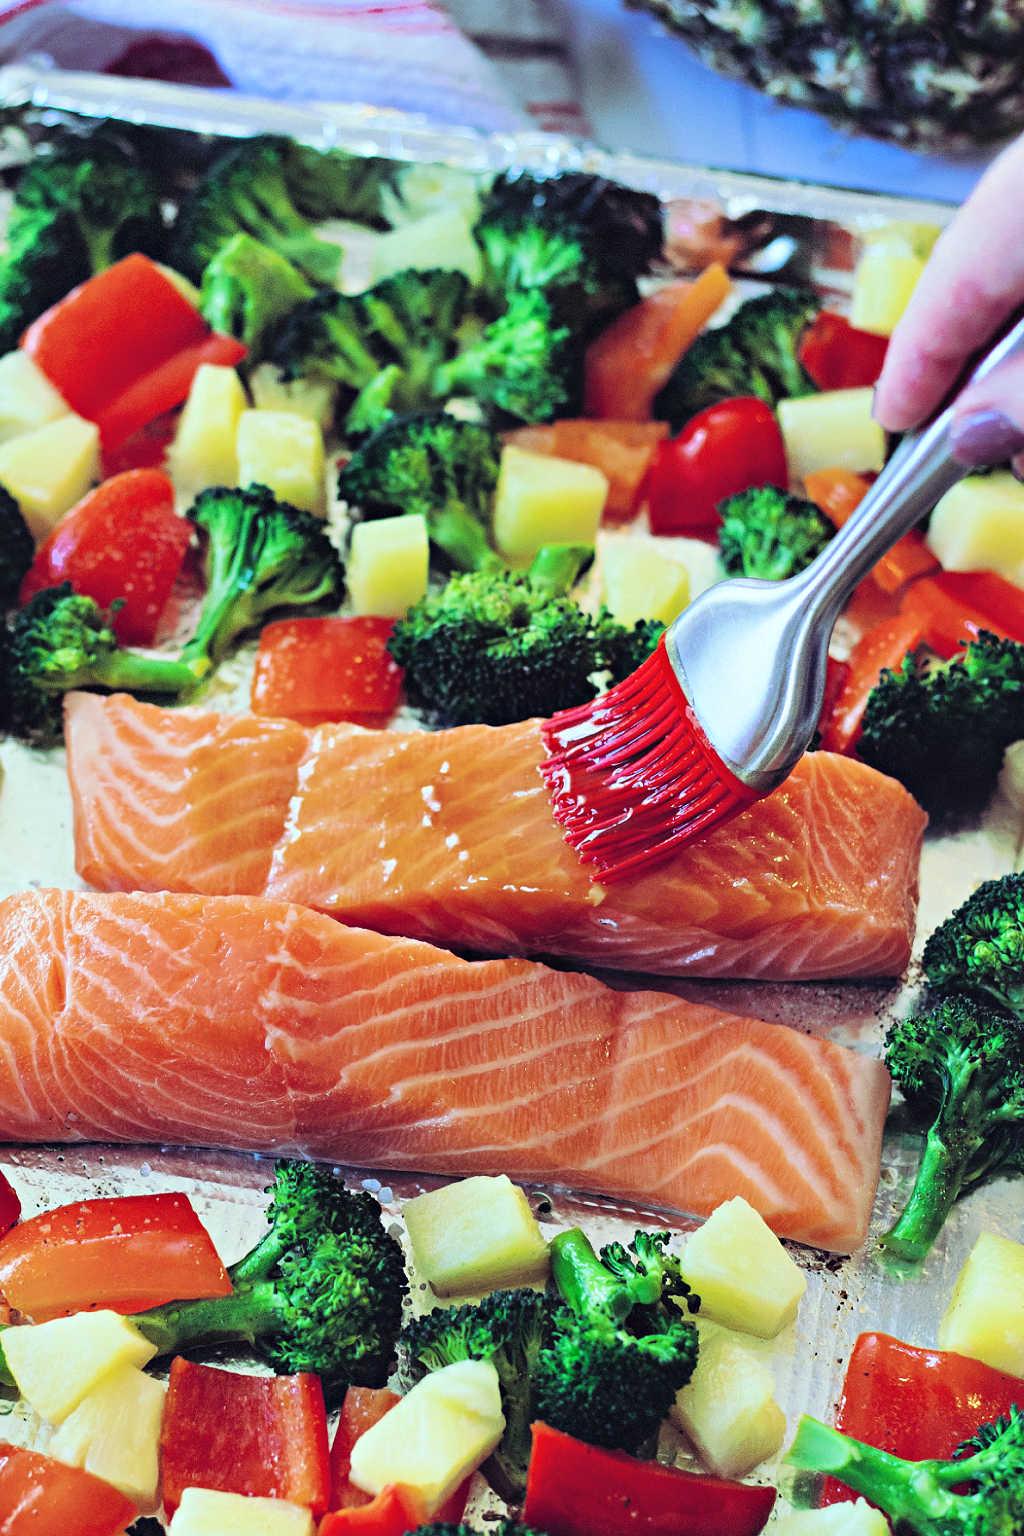 basting teriyaki sauce on salmon to bake